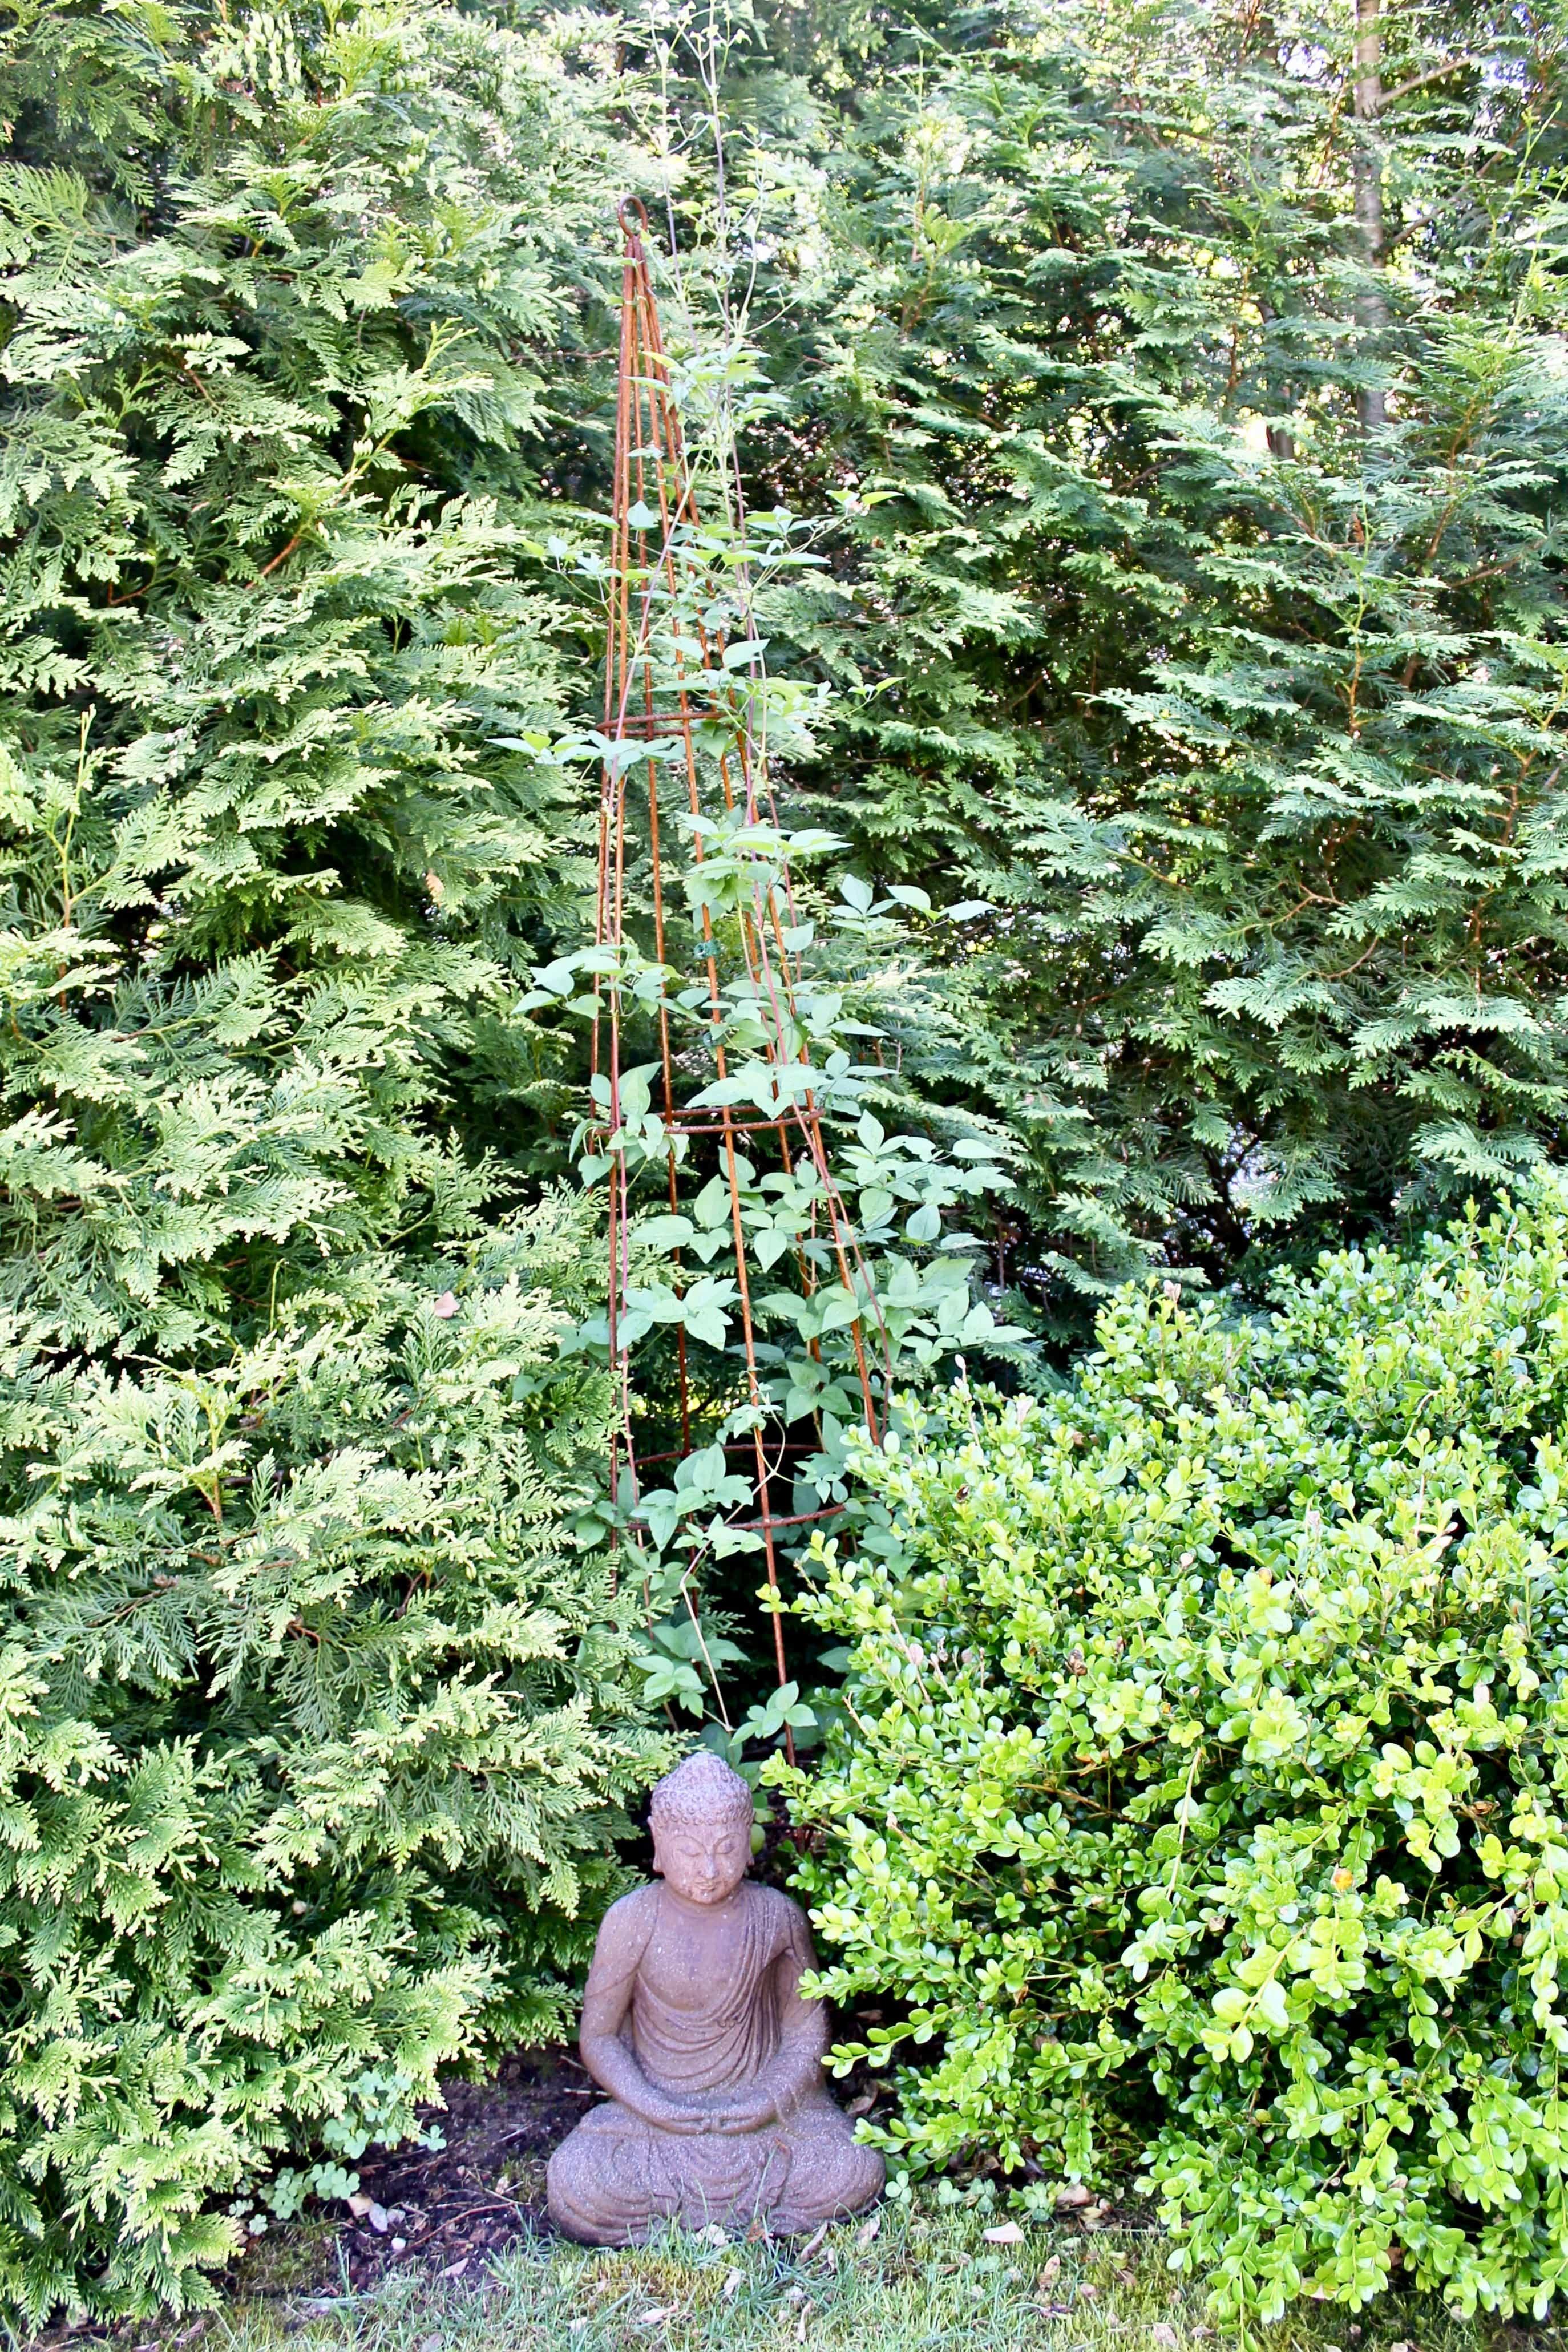 Zen Garden and Clematis Vines in Westport, CT Garden